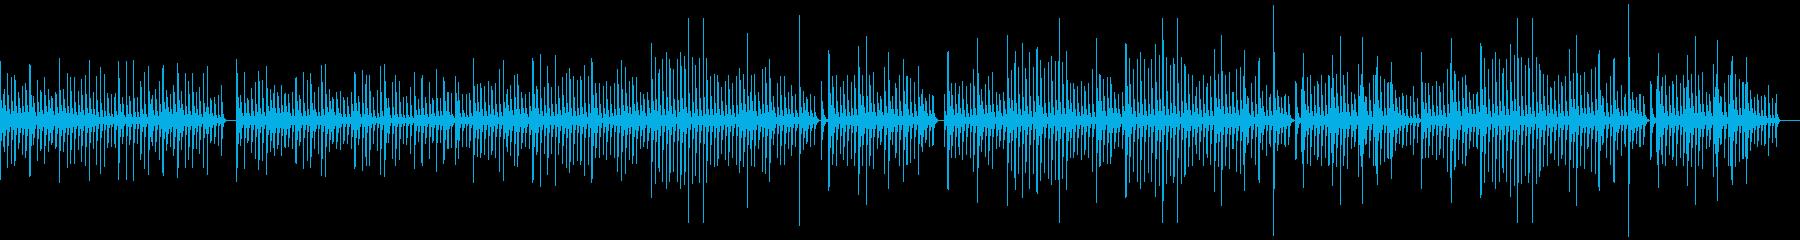 のんびりとした静かな木琴/施設BGMの再生済みの波形